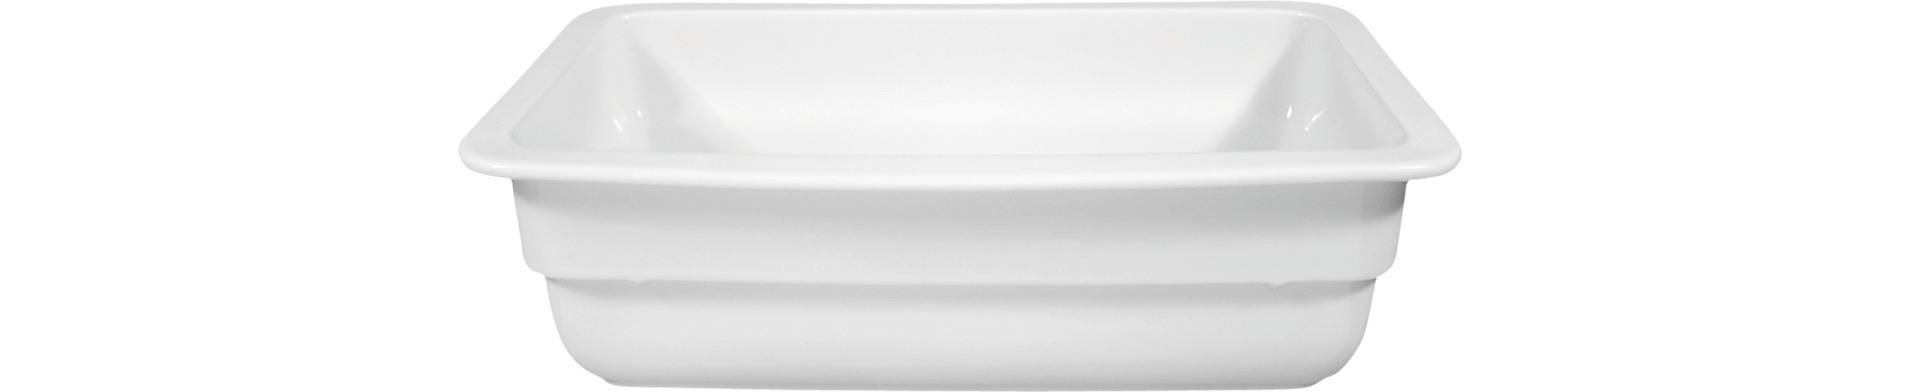 Buffet Gourmet, GN-Behälter GN 1/3 325 x 176 x 100 mm / 3,20 l